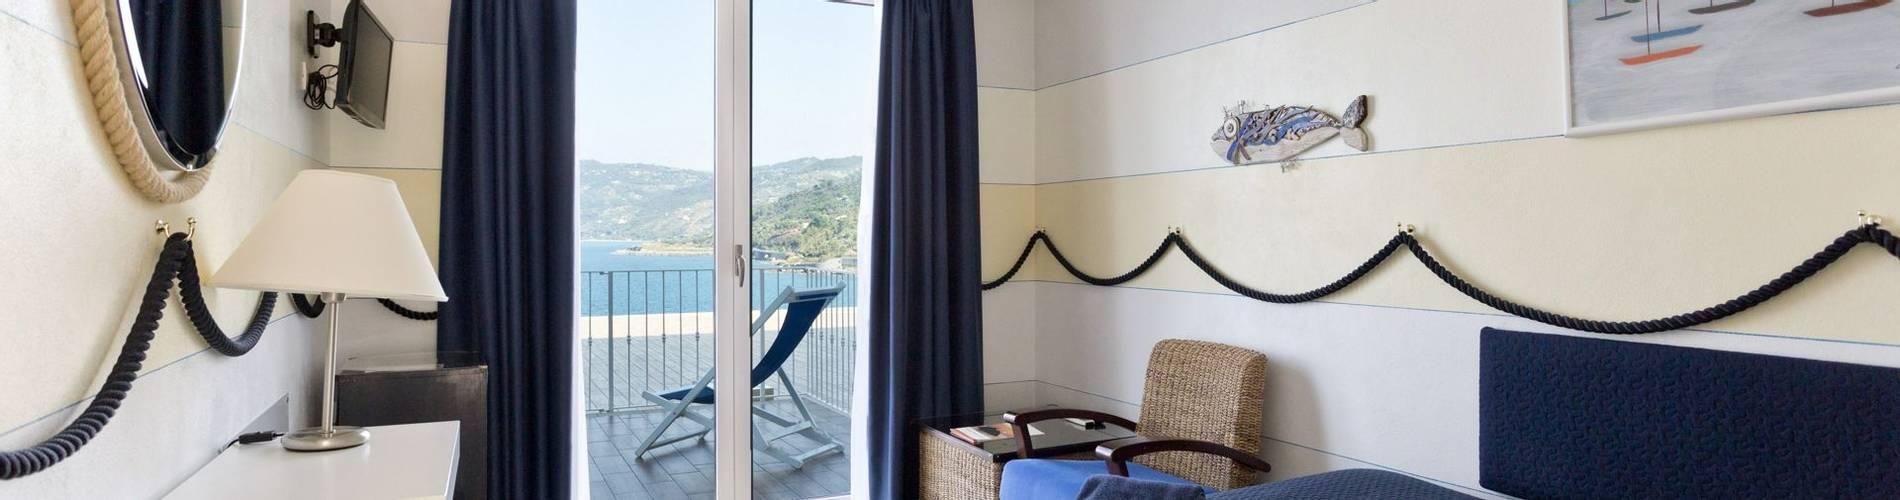 Kalura, Sicily, Italy, Double Room (6).jpg